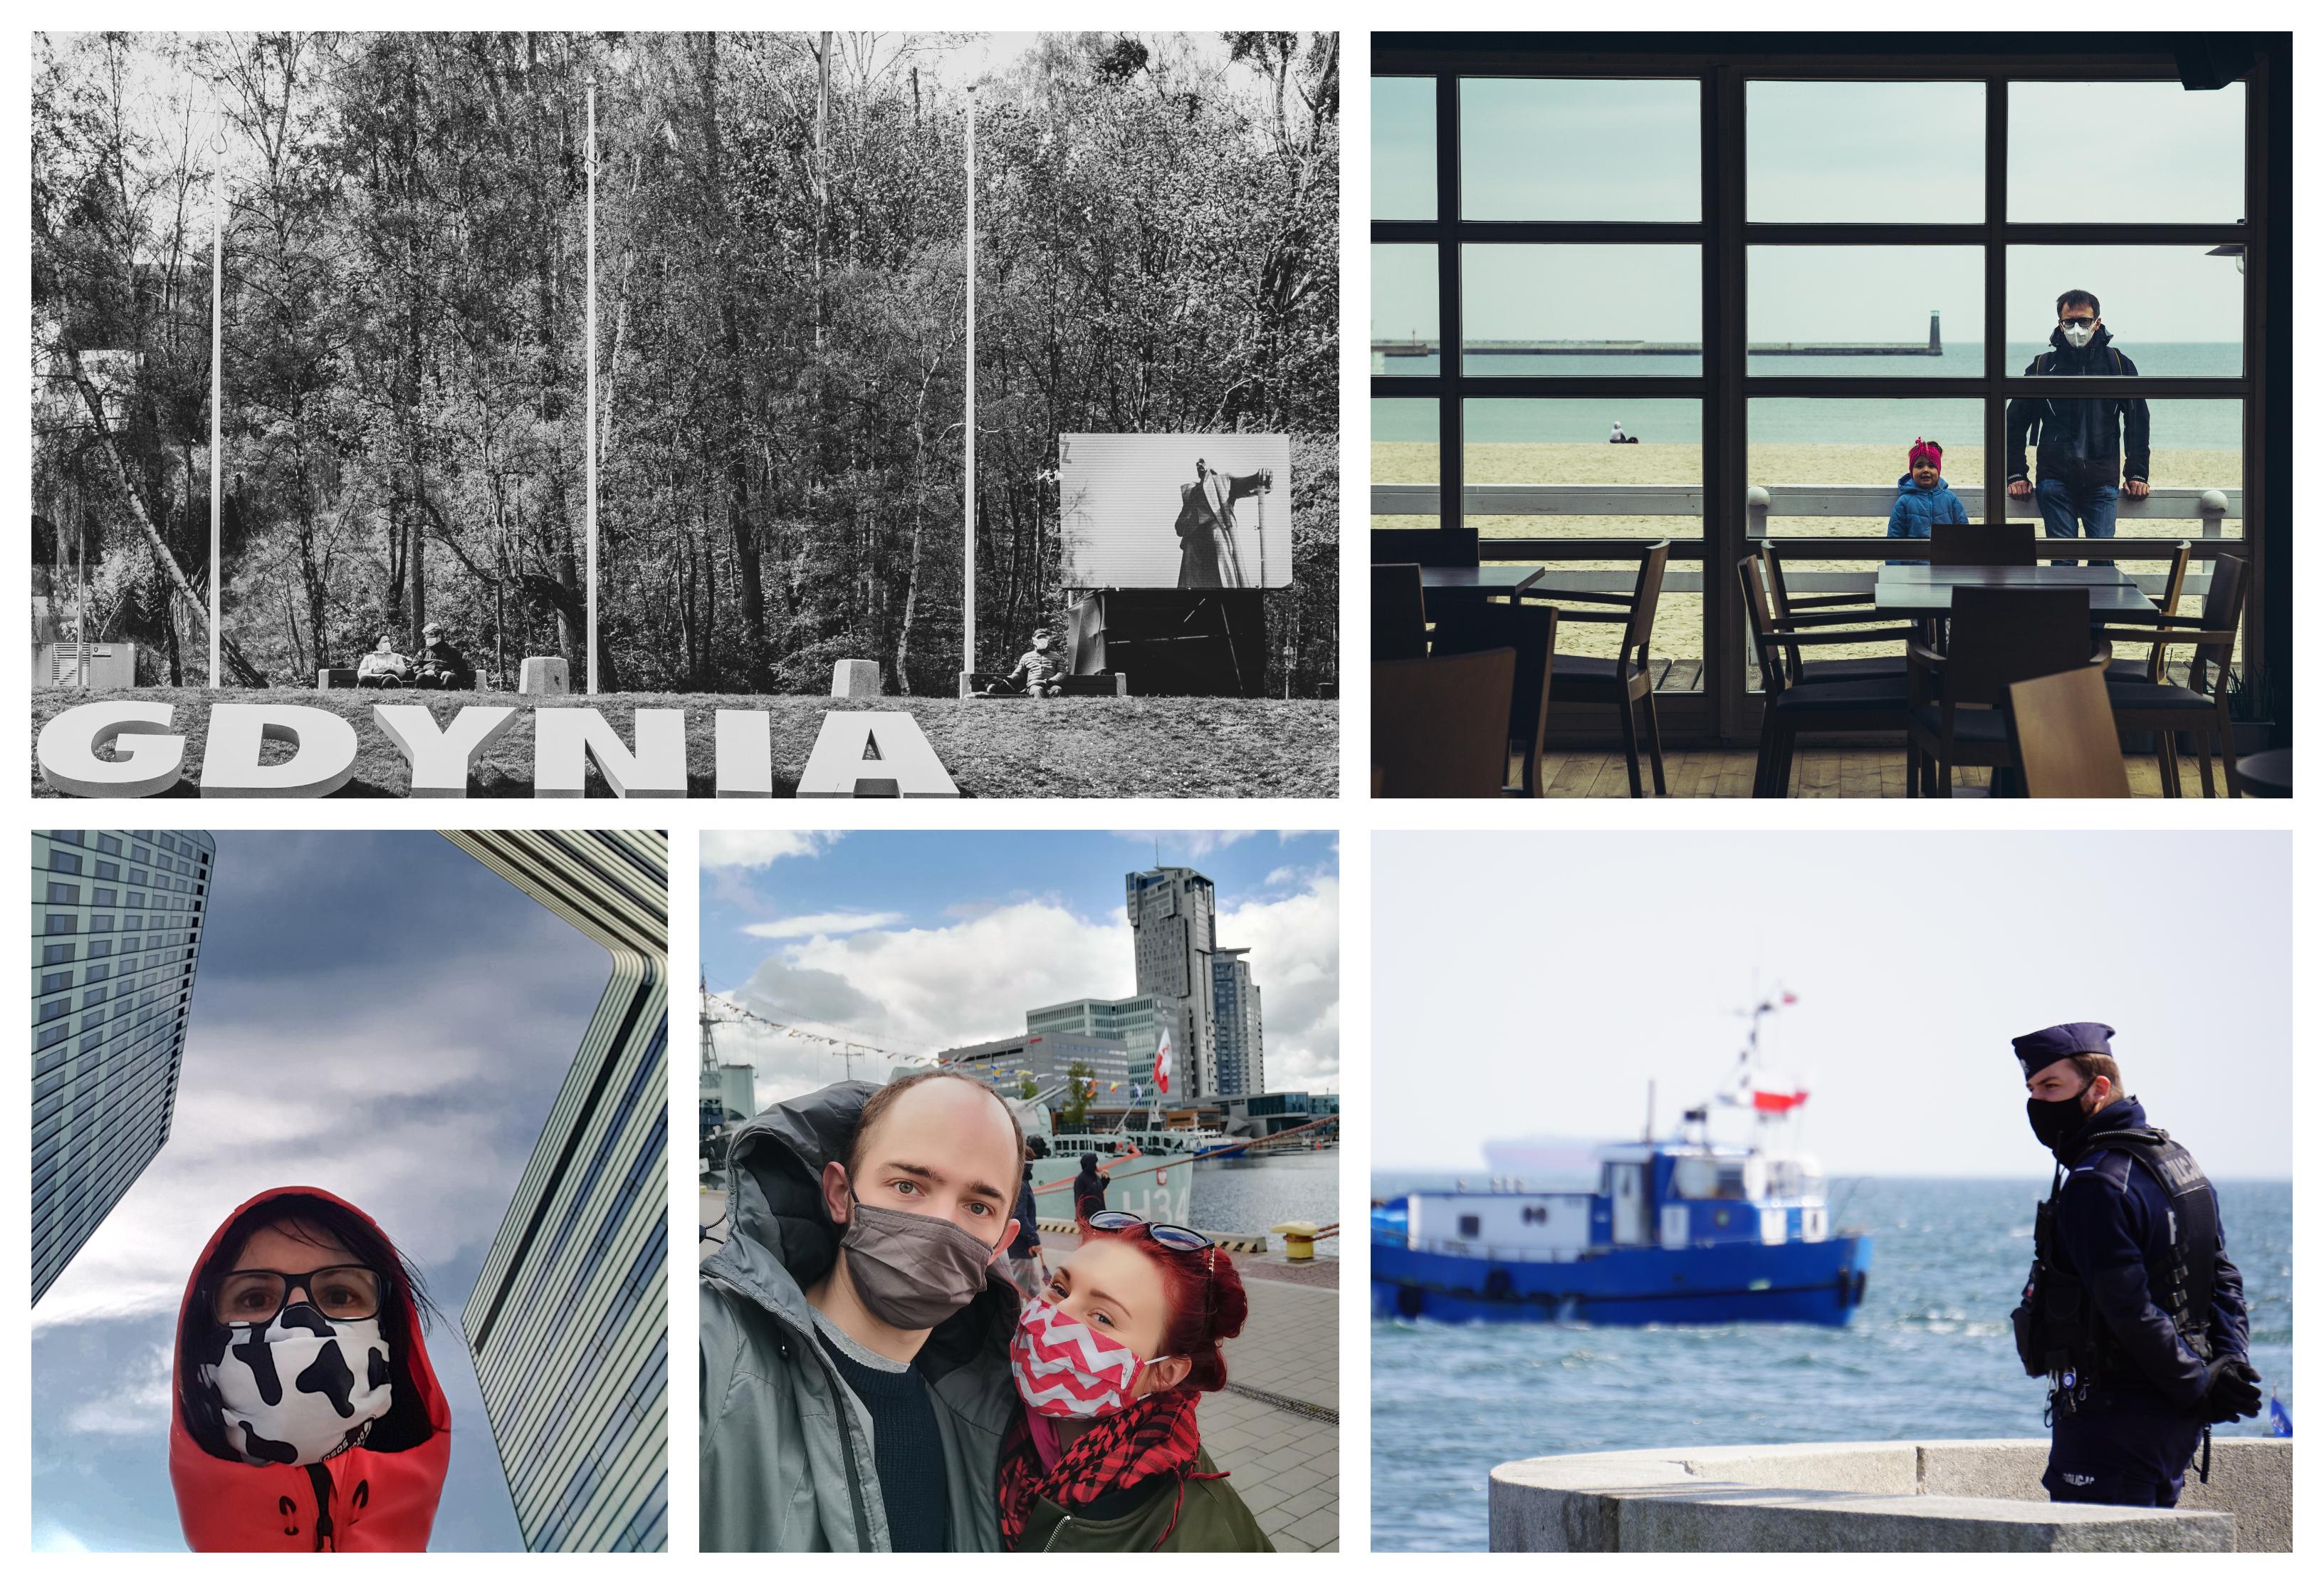 Bierzmy z nich przykład, laureaci konkursu fotograficznego na gdynia.pl